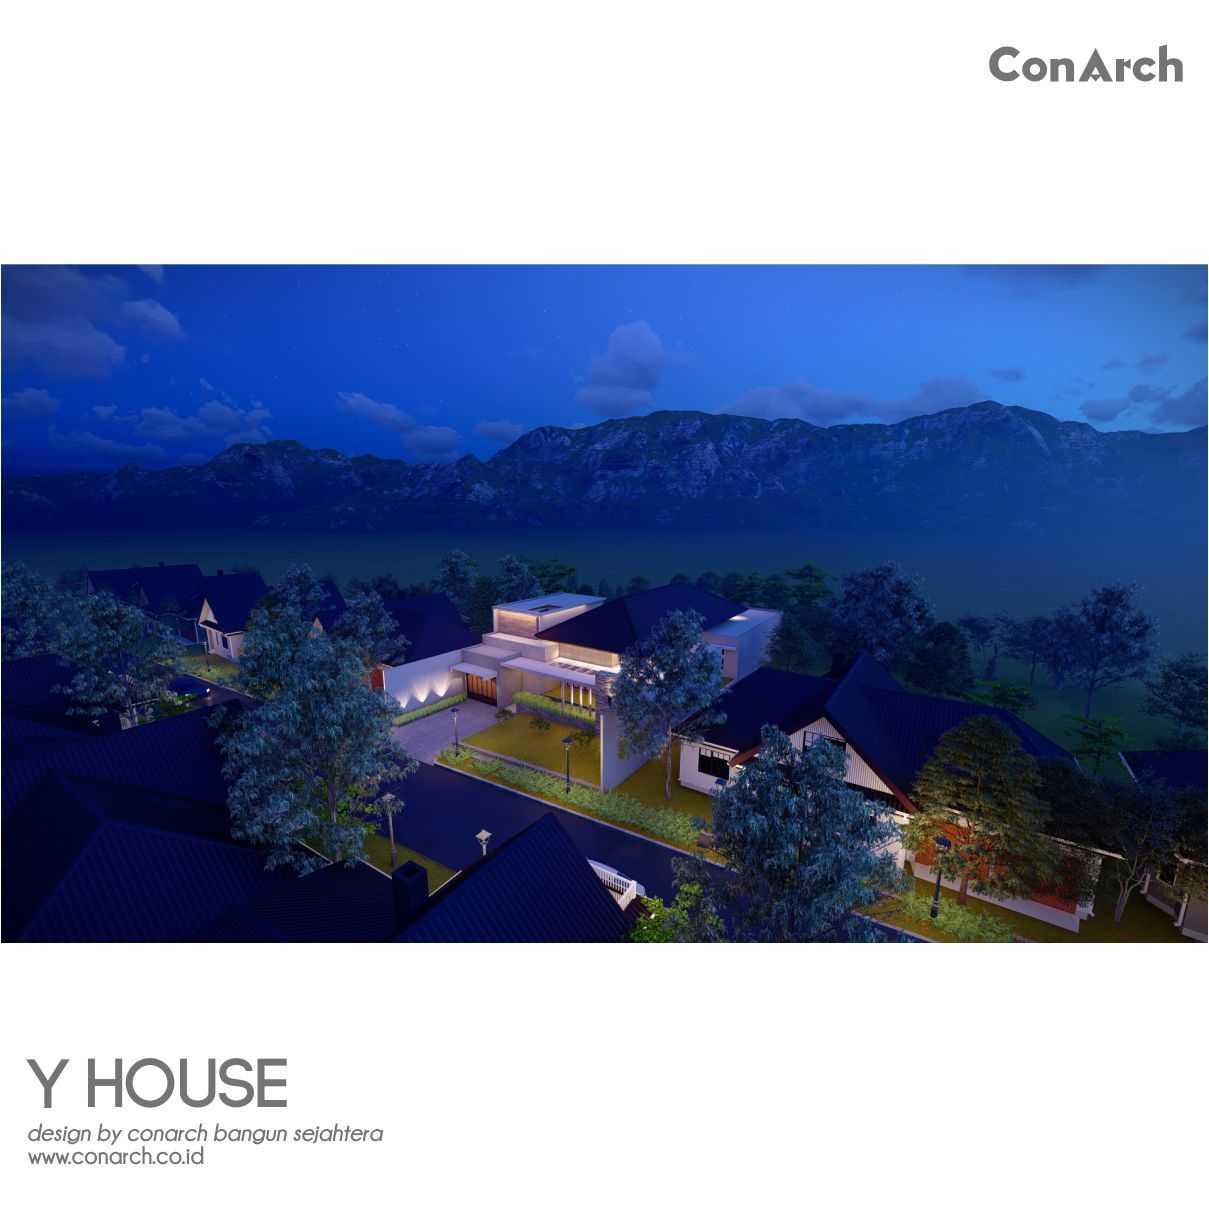 Conarch Studio Mr. Yohan House Klaten, Kabupaten Klaten, Jawa Tengah, Indonesia Klaten, Kabupaten Klaten, Jawa Tengah, Indonesia Conarch-Bangun-Sejahtera-Mr-Yohan-House  82536